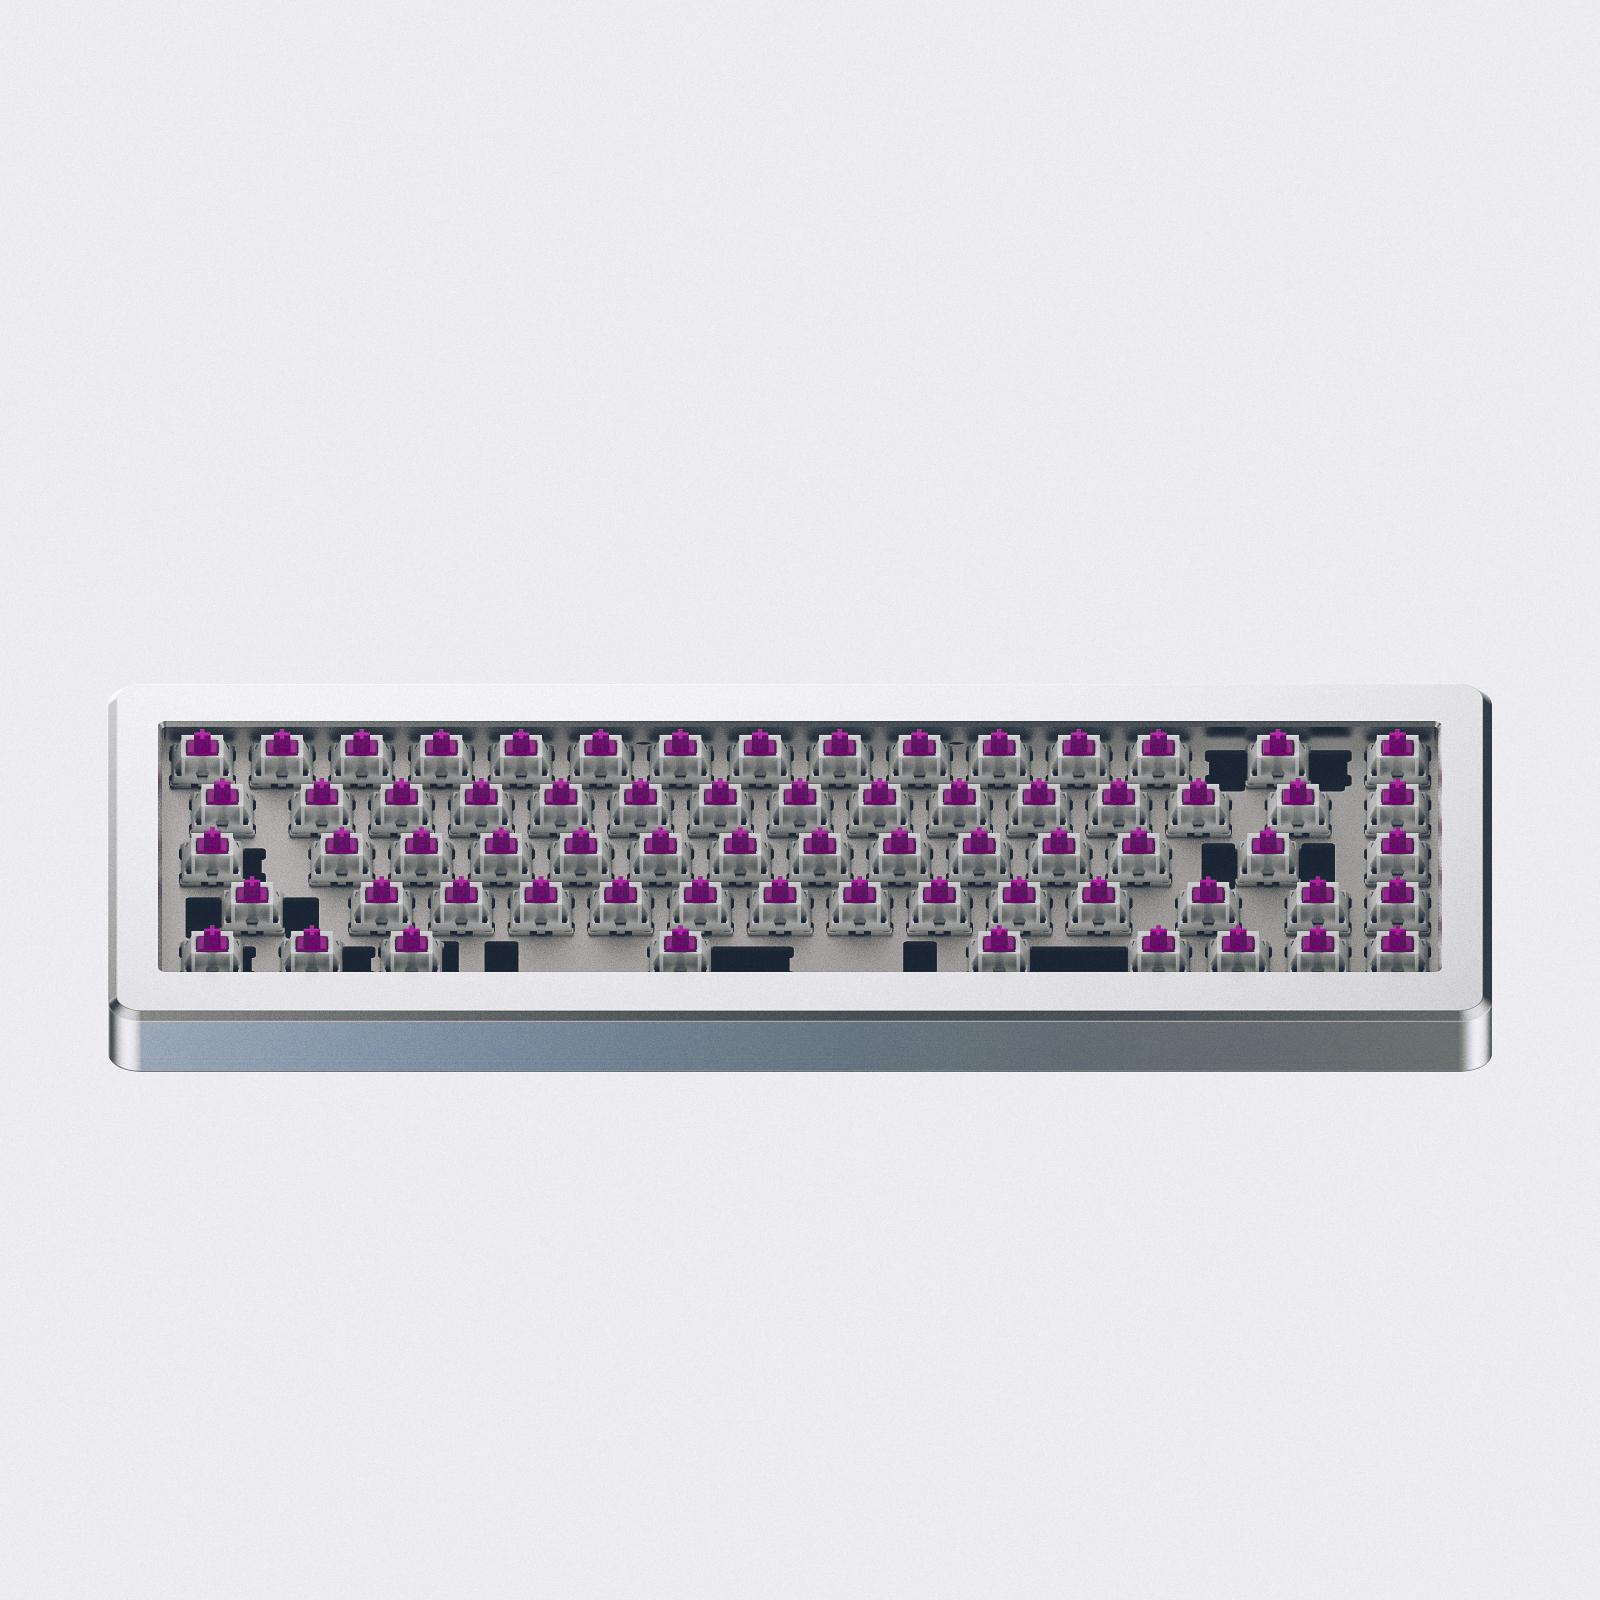 RAMA-161024-COMPRESSED-RAMA-M65-003.501.jpg